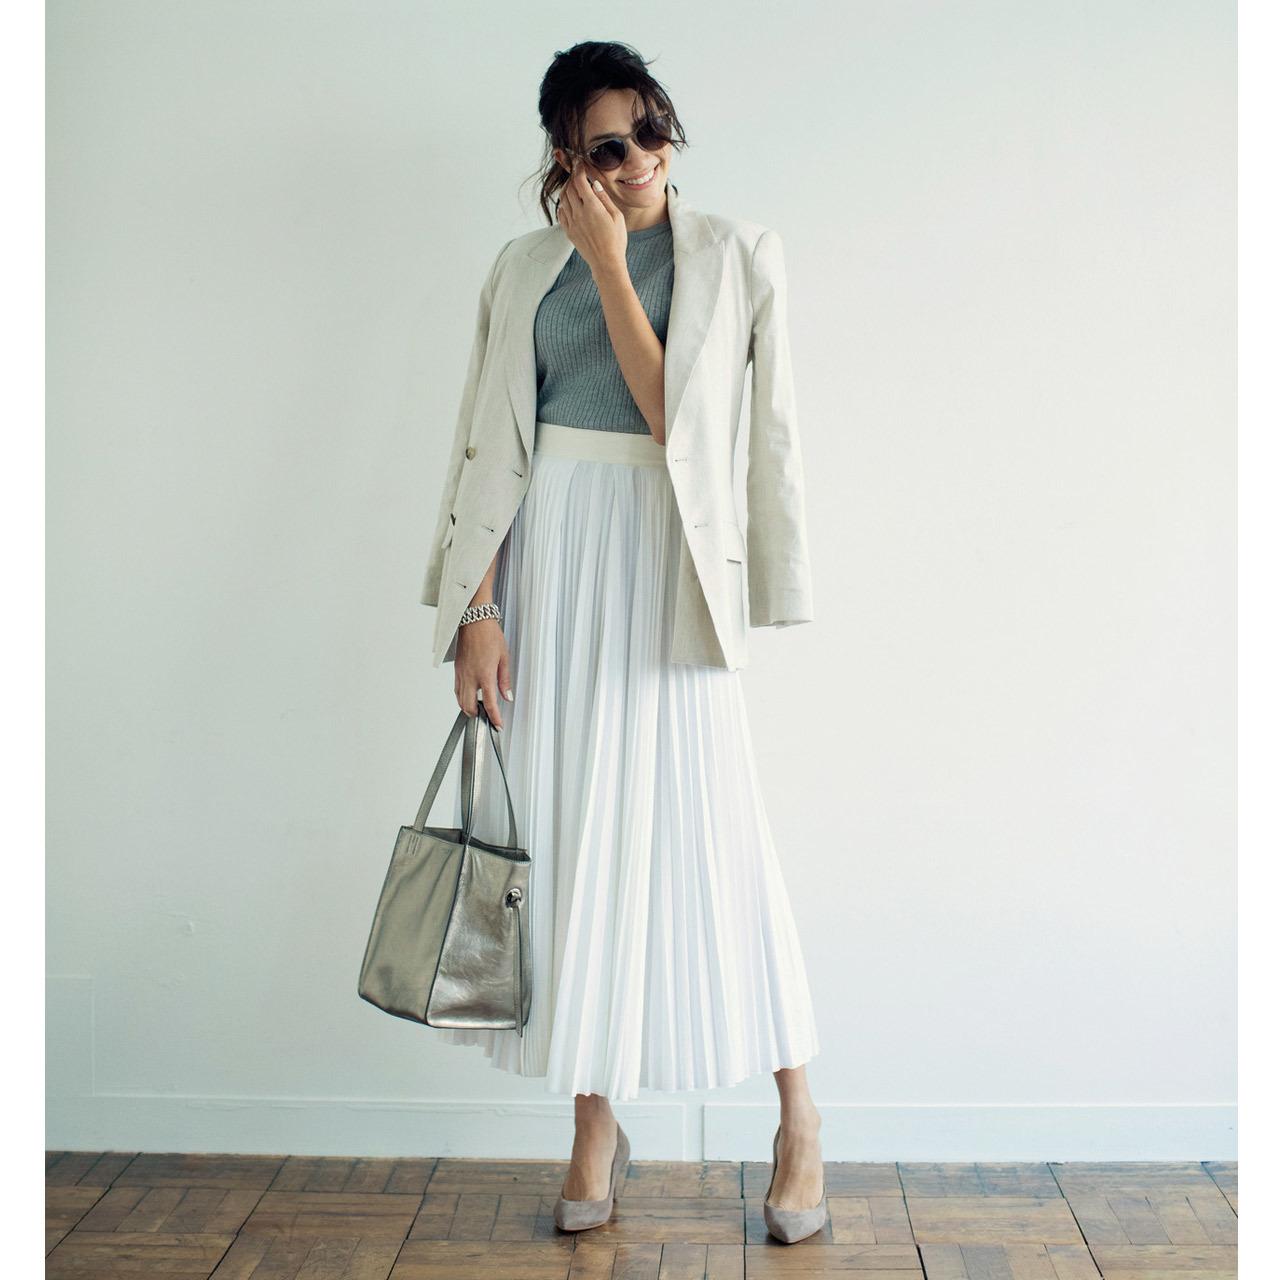 テーラードジャケット×白スカートコーデ